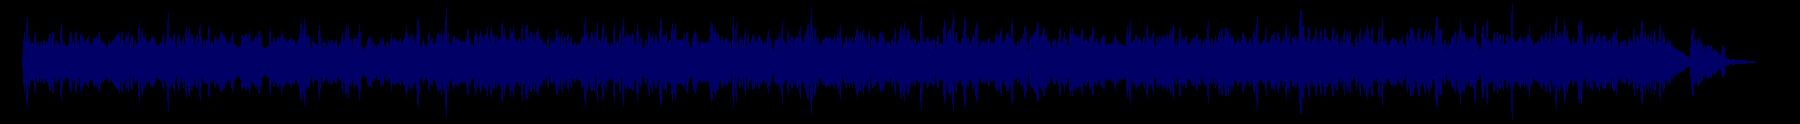 waveform of track #68269